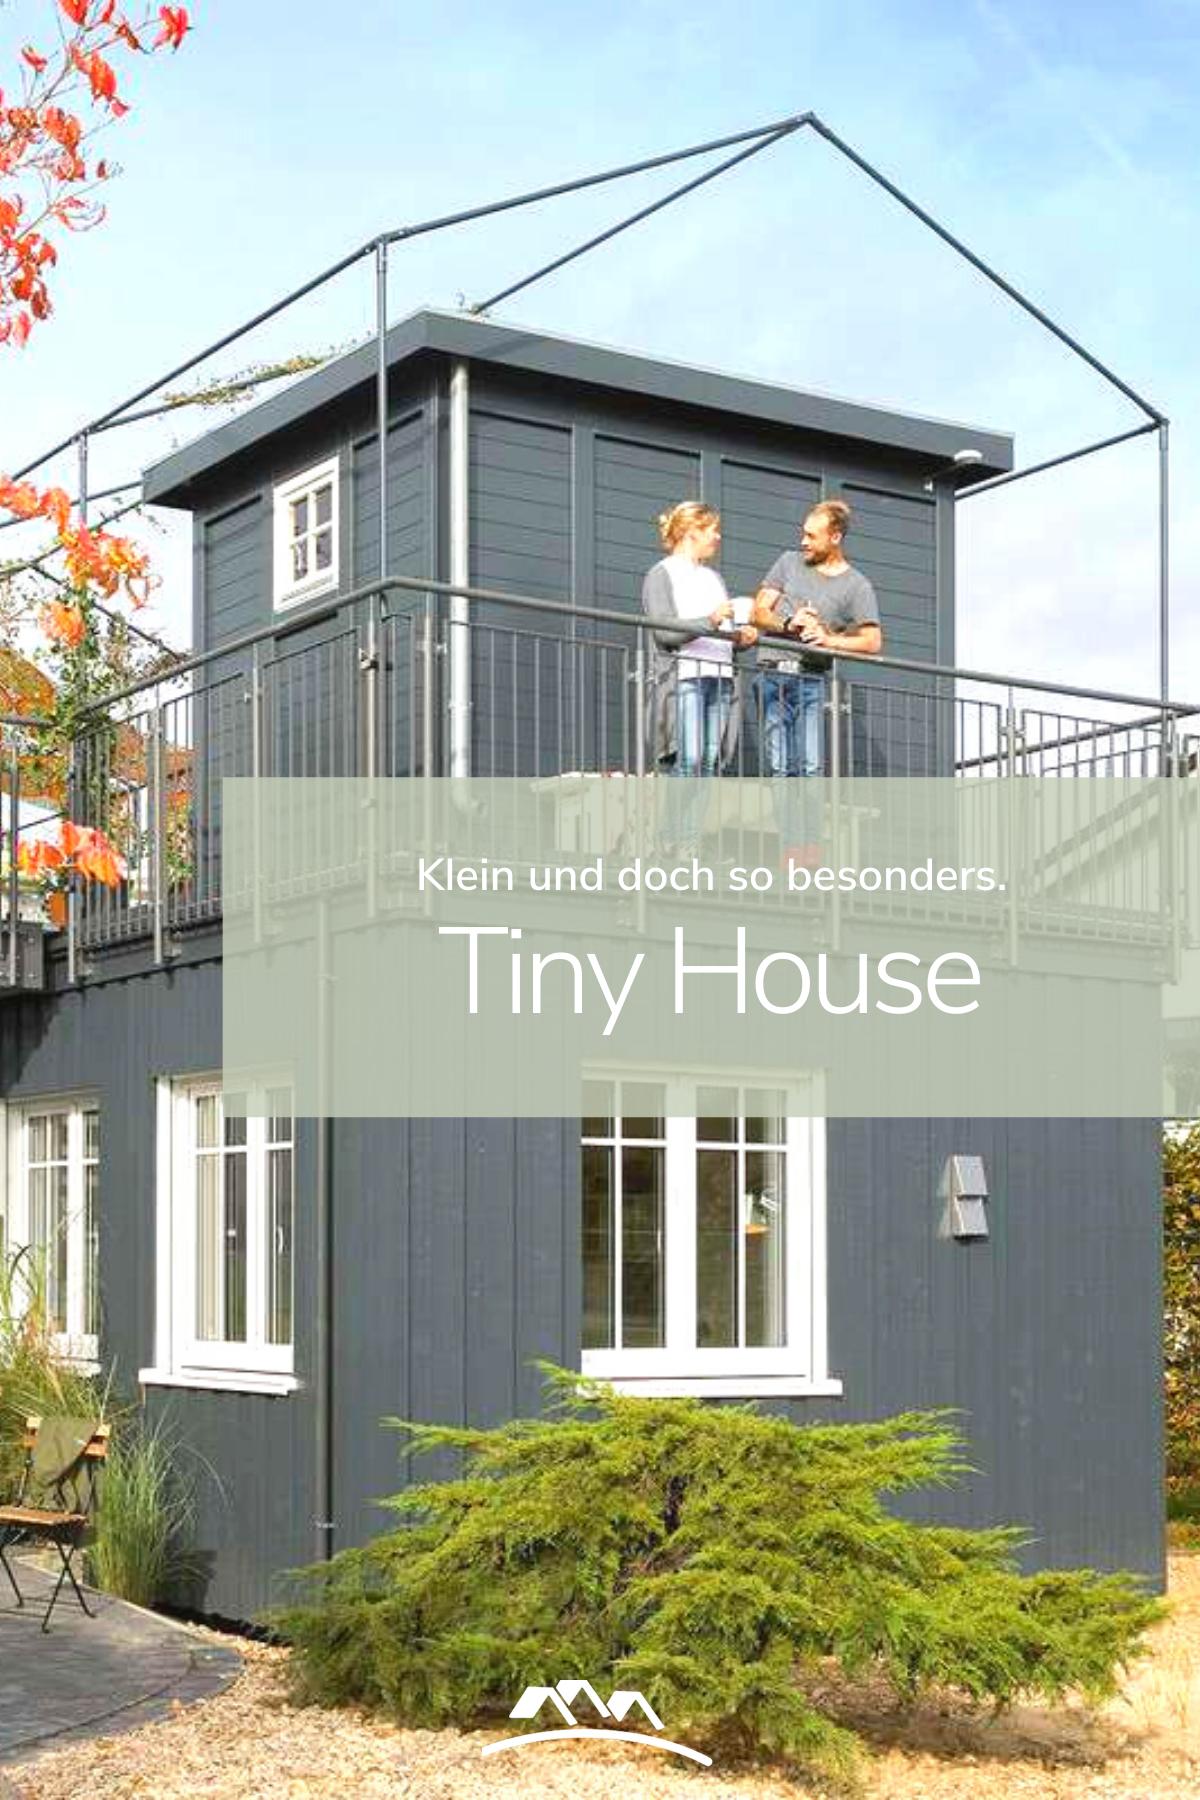 Tiny House als Mini Fertighaus Klein und doch so